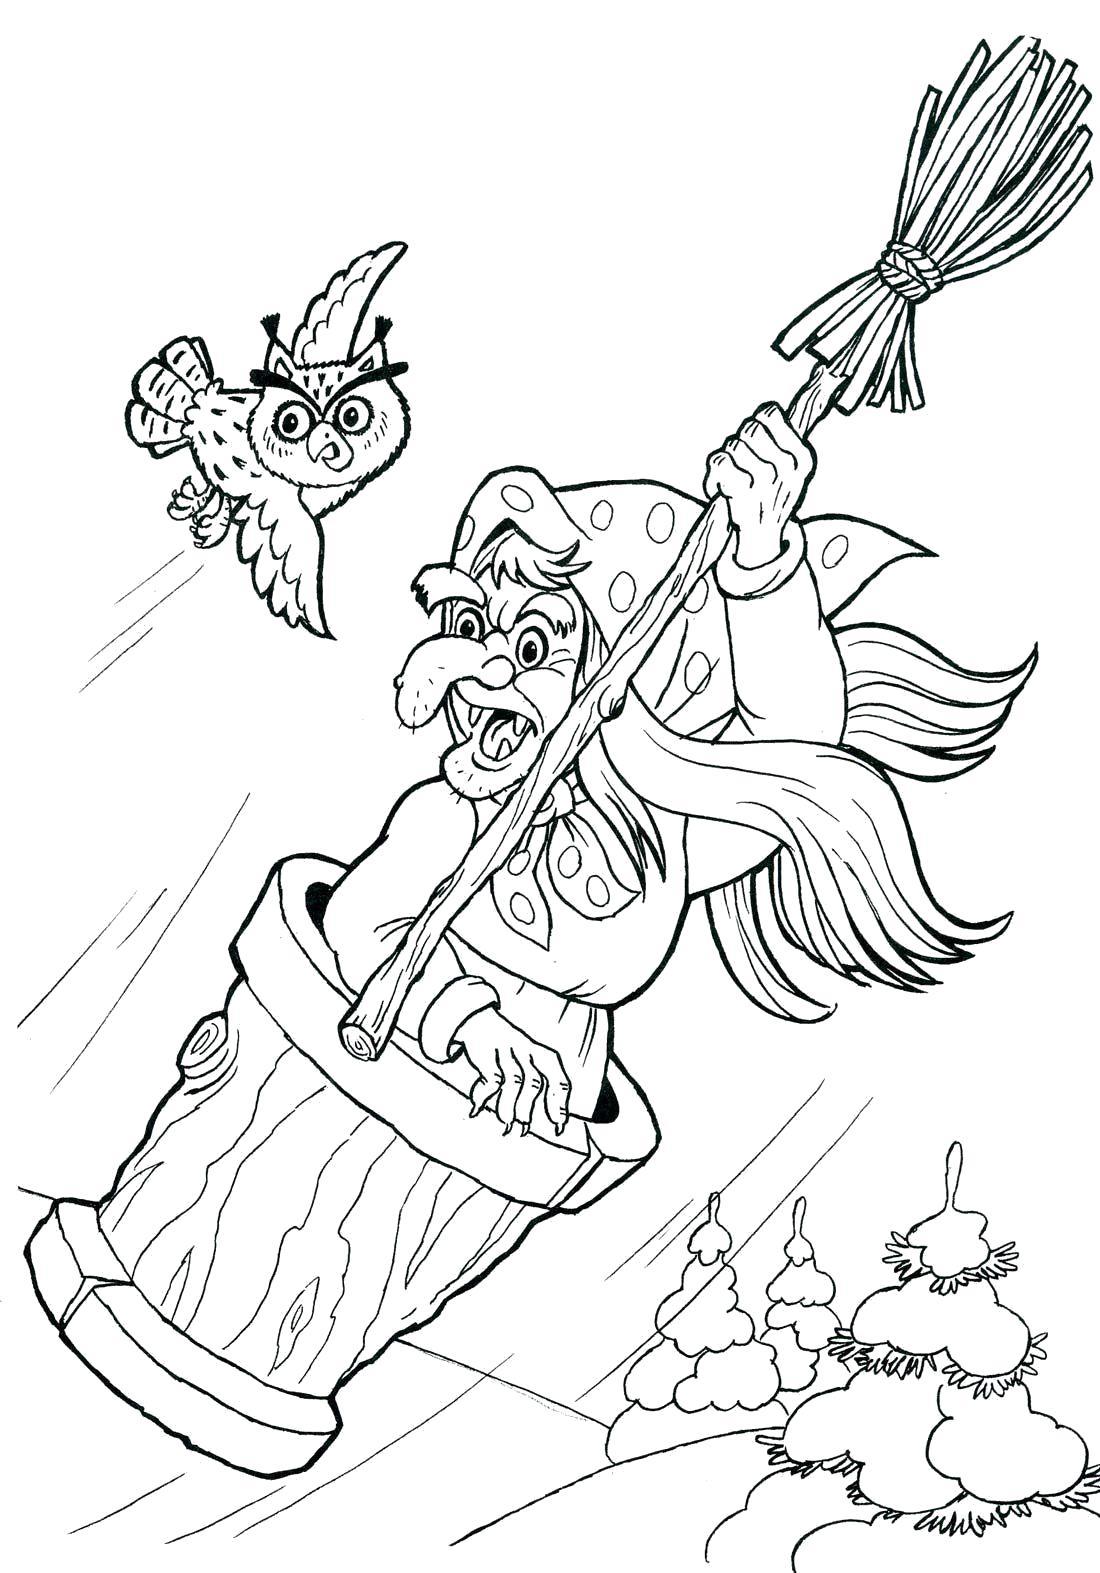 Раскраска Баба яга . Скачать баба яга.  Распечатать герои сказок